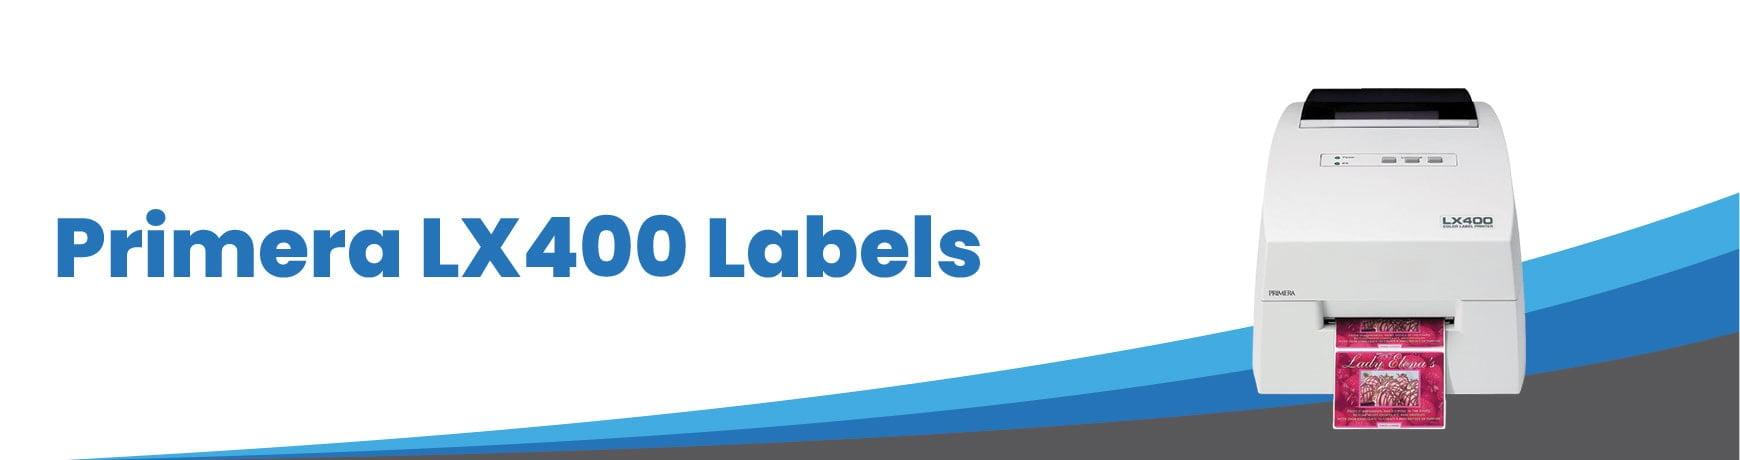 Primera LX400 Labels